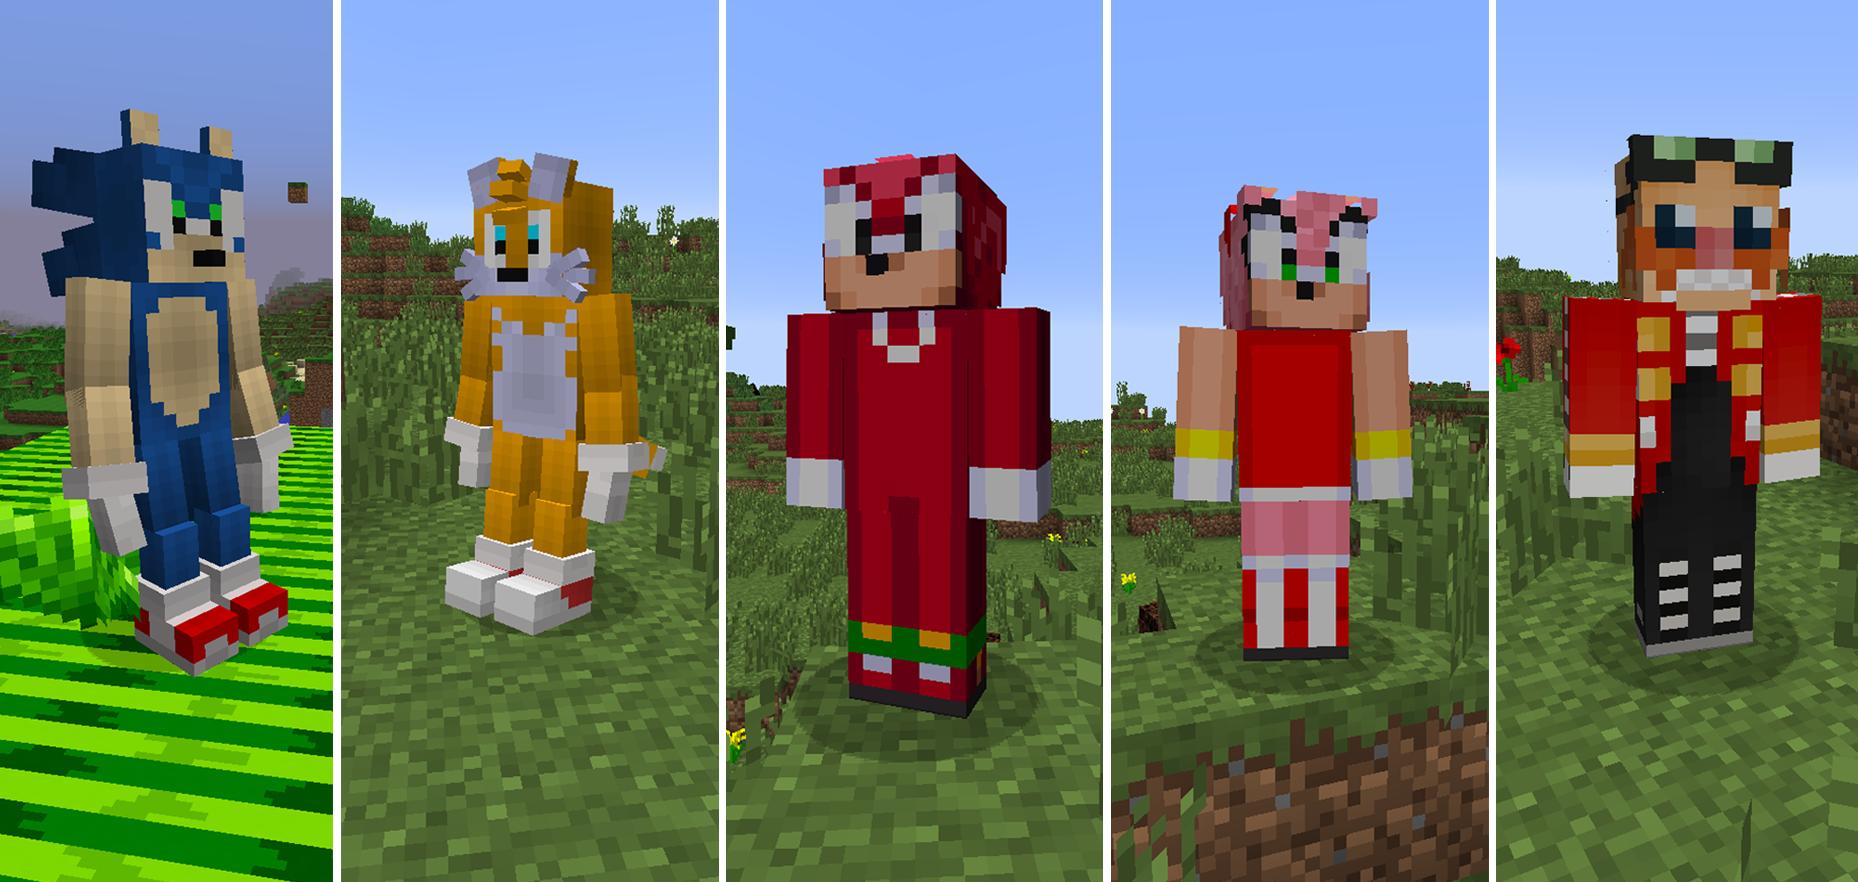 Sonic The Hedgehog Mod Minecraft Mods - Skins fur minecraft installieren